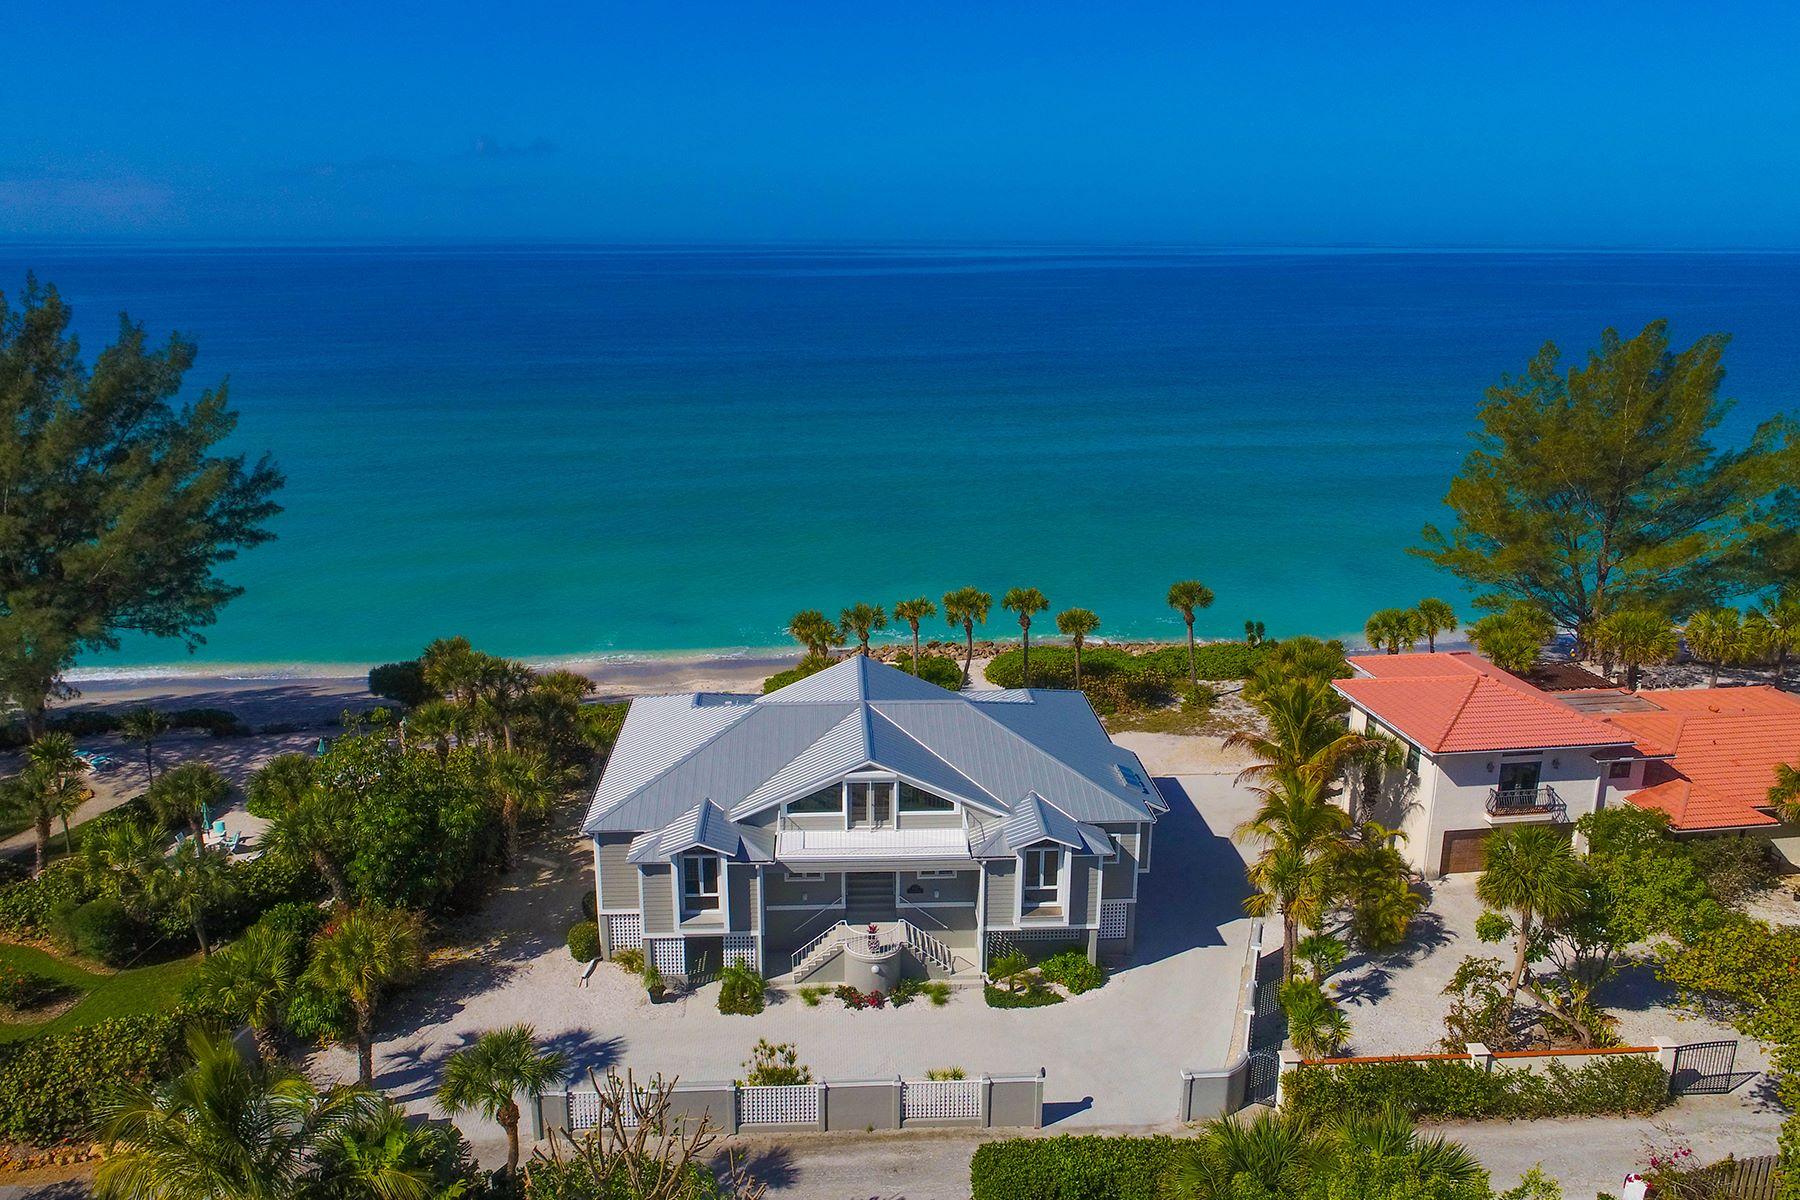 一戸建て のために 売買 アット CASEY KEY 1027 N Casey Key Rd Osprey, フロリダ, 34229 アメリカ合衆国